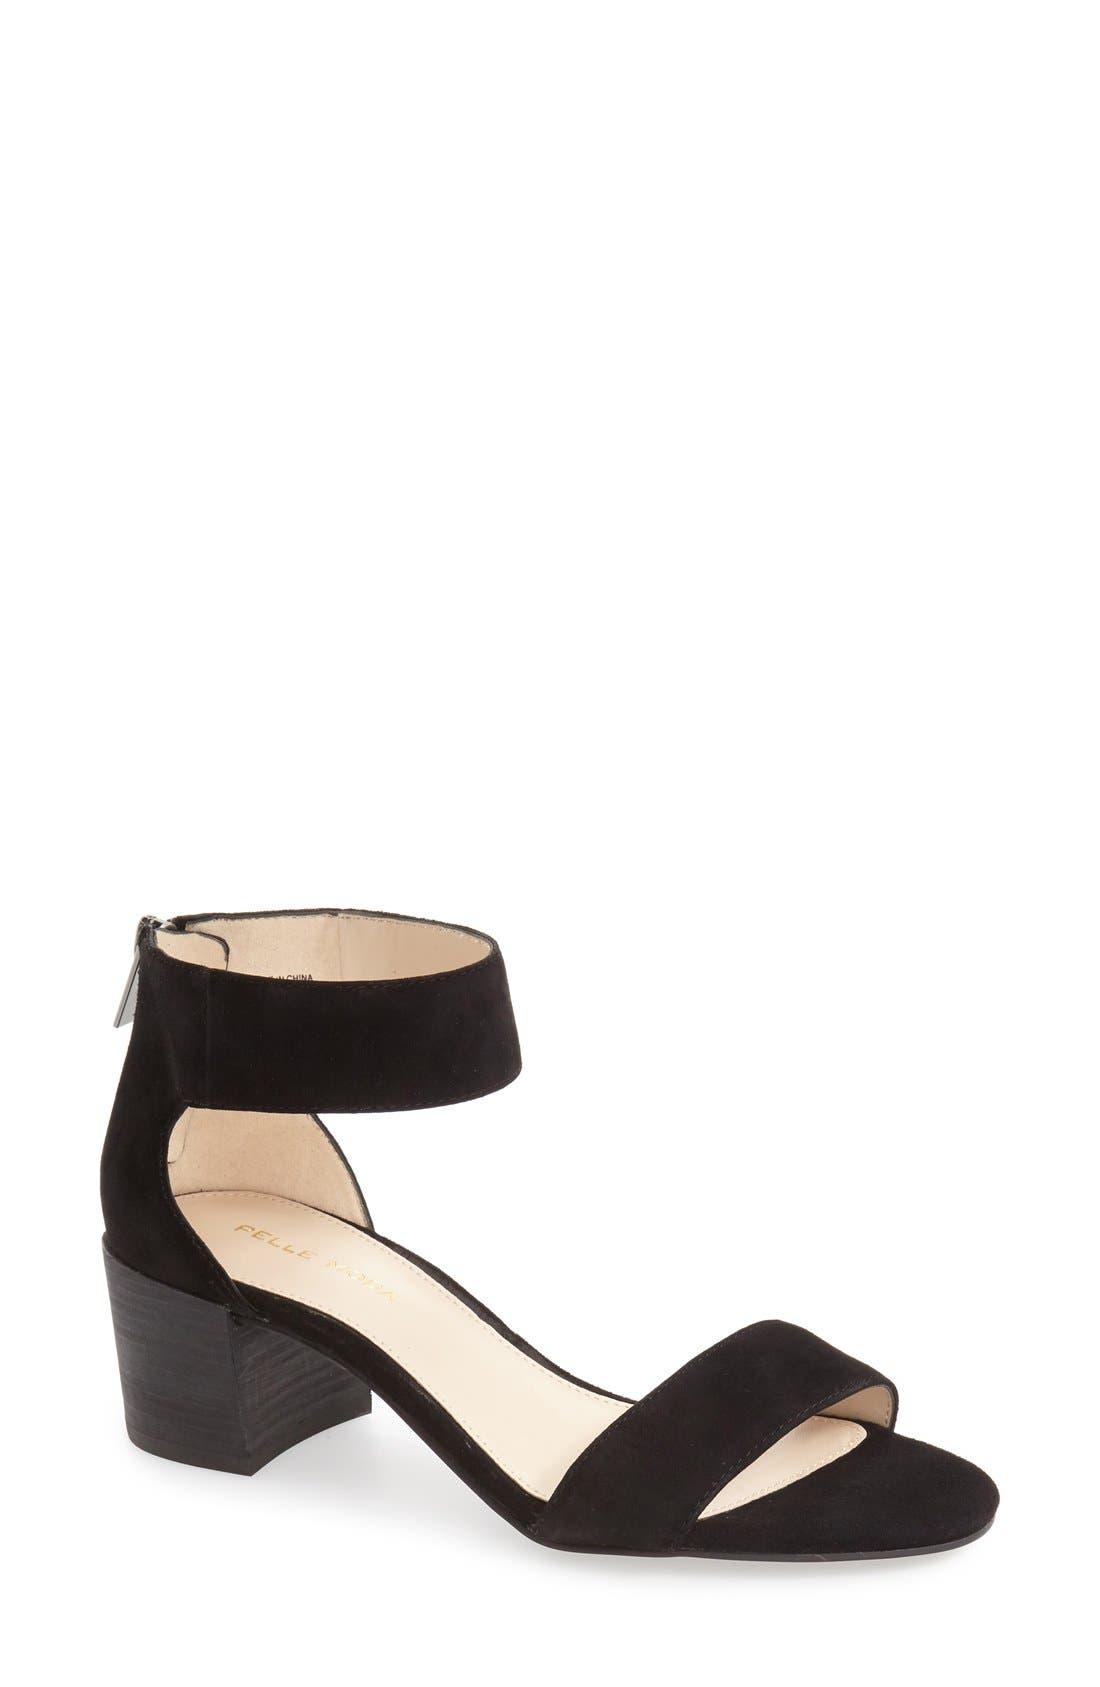 Pella Moda 'Urban' Block Heel Sandal,                             Main thumbnail 1, color,                             001